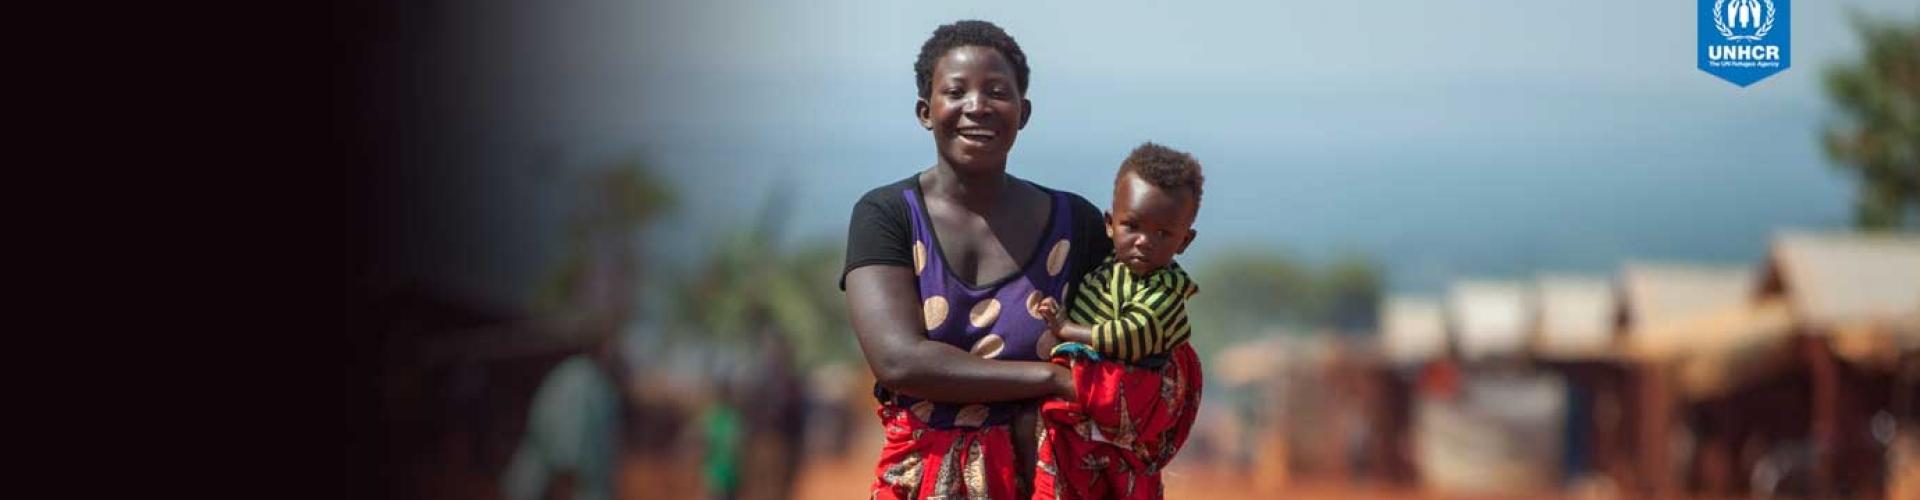 สุขสันต์วันแม่: UNHCR ขอชวนคุณมอบความคุ้มครองให้คุณแม่ผู้ลี้ภัยทั่วโลกให้มีความหวังและเข้มแข็งเพื่อลูกๆของพวกเธอ